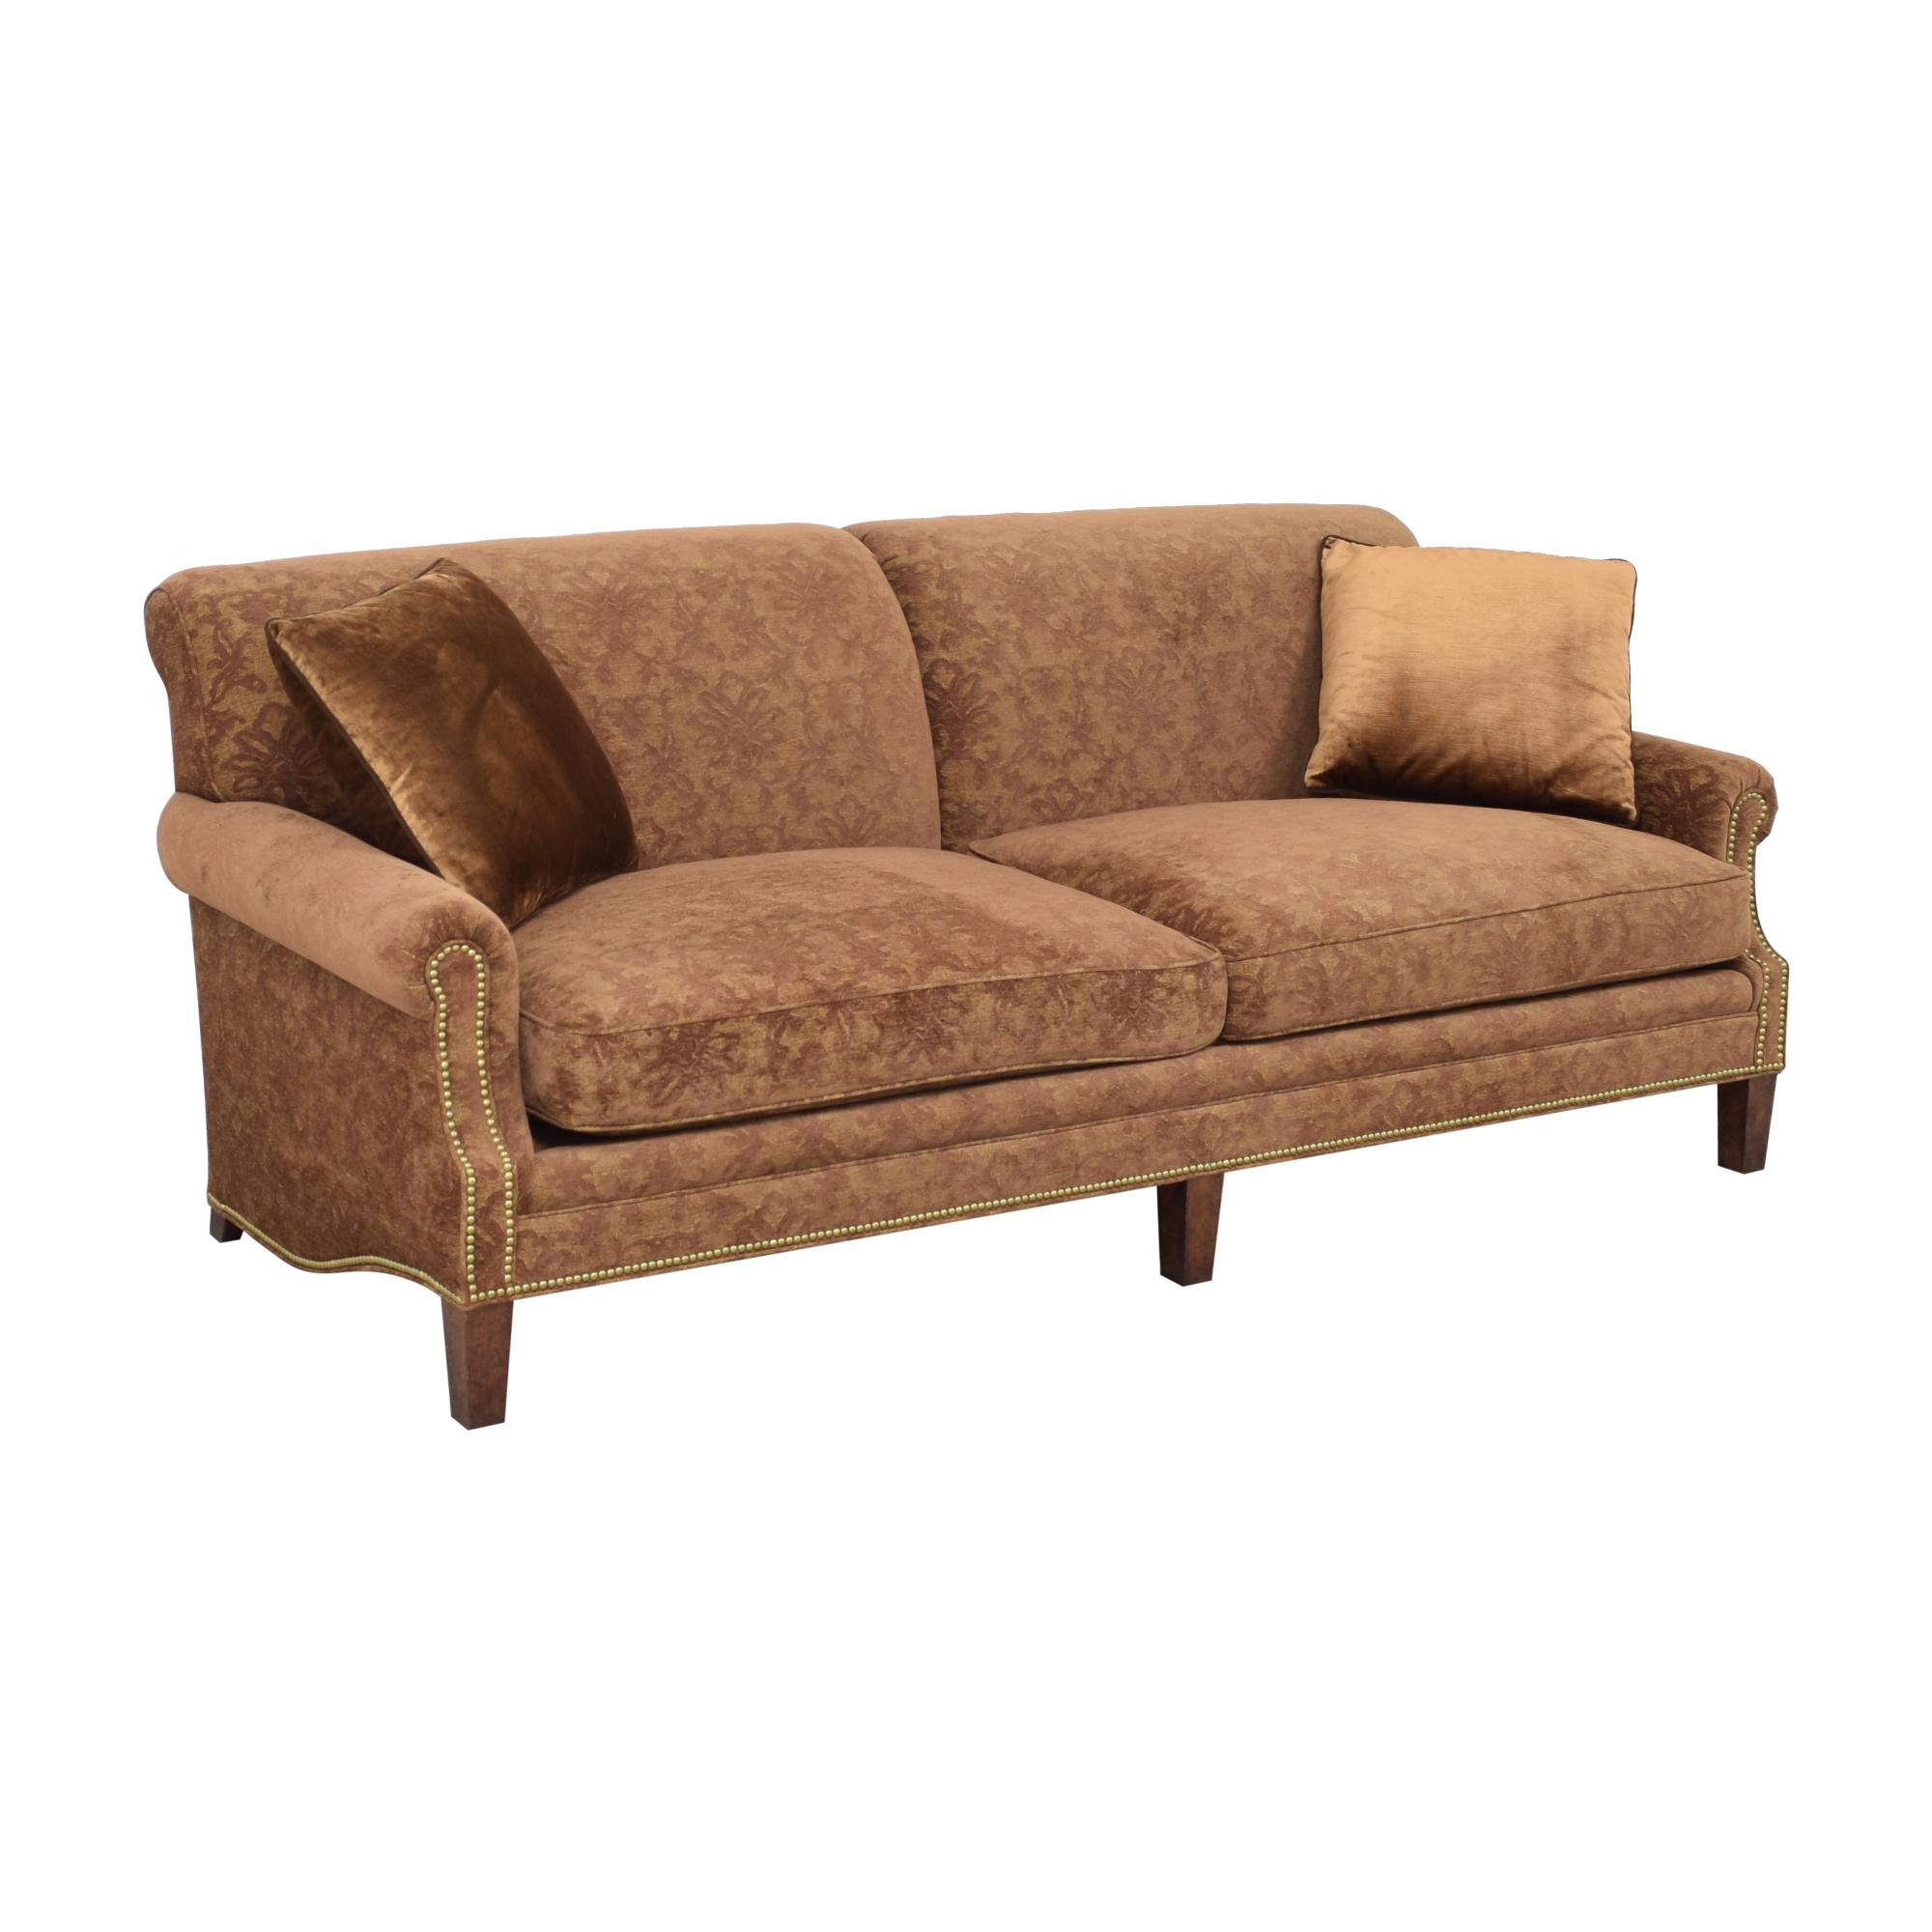 O. Henry House O. Henry House Garrett Sofa Classic Sofas